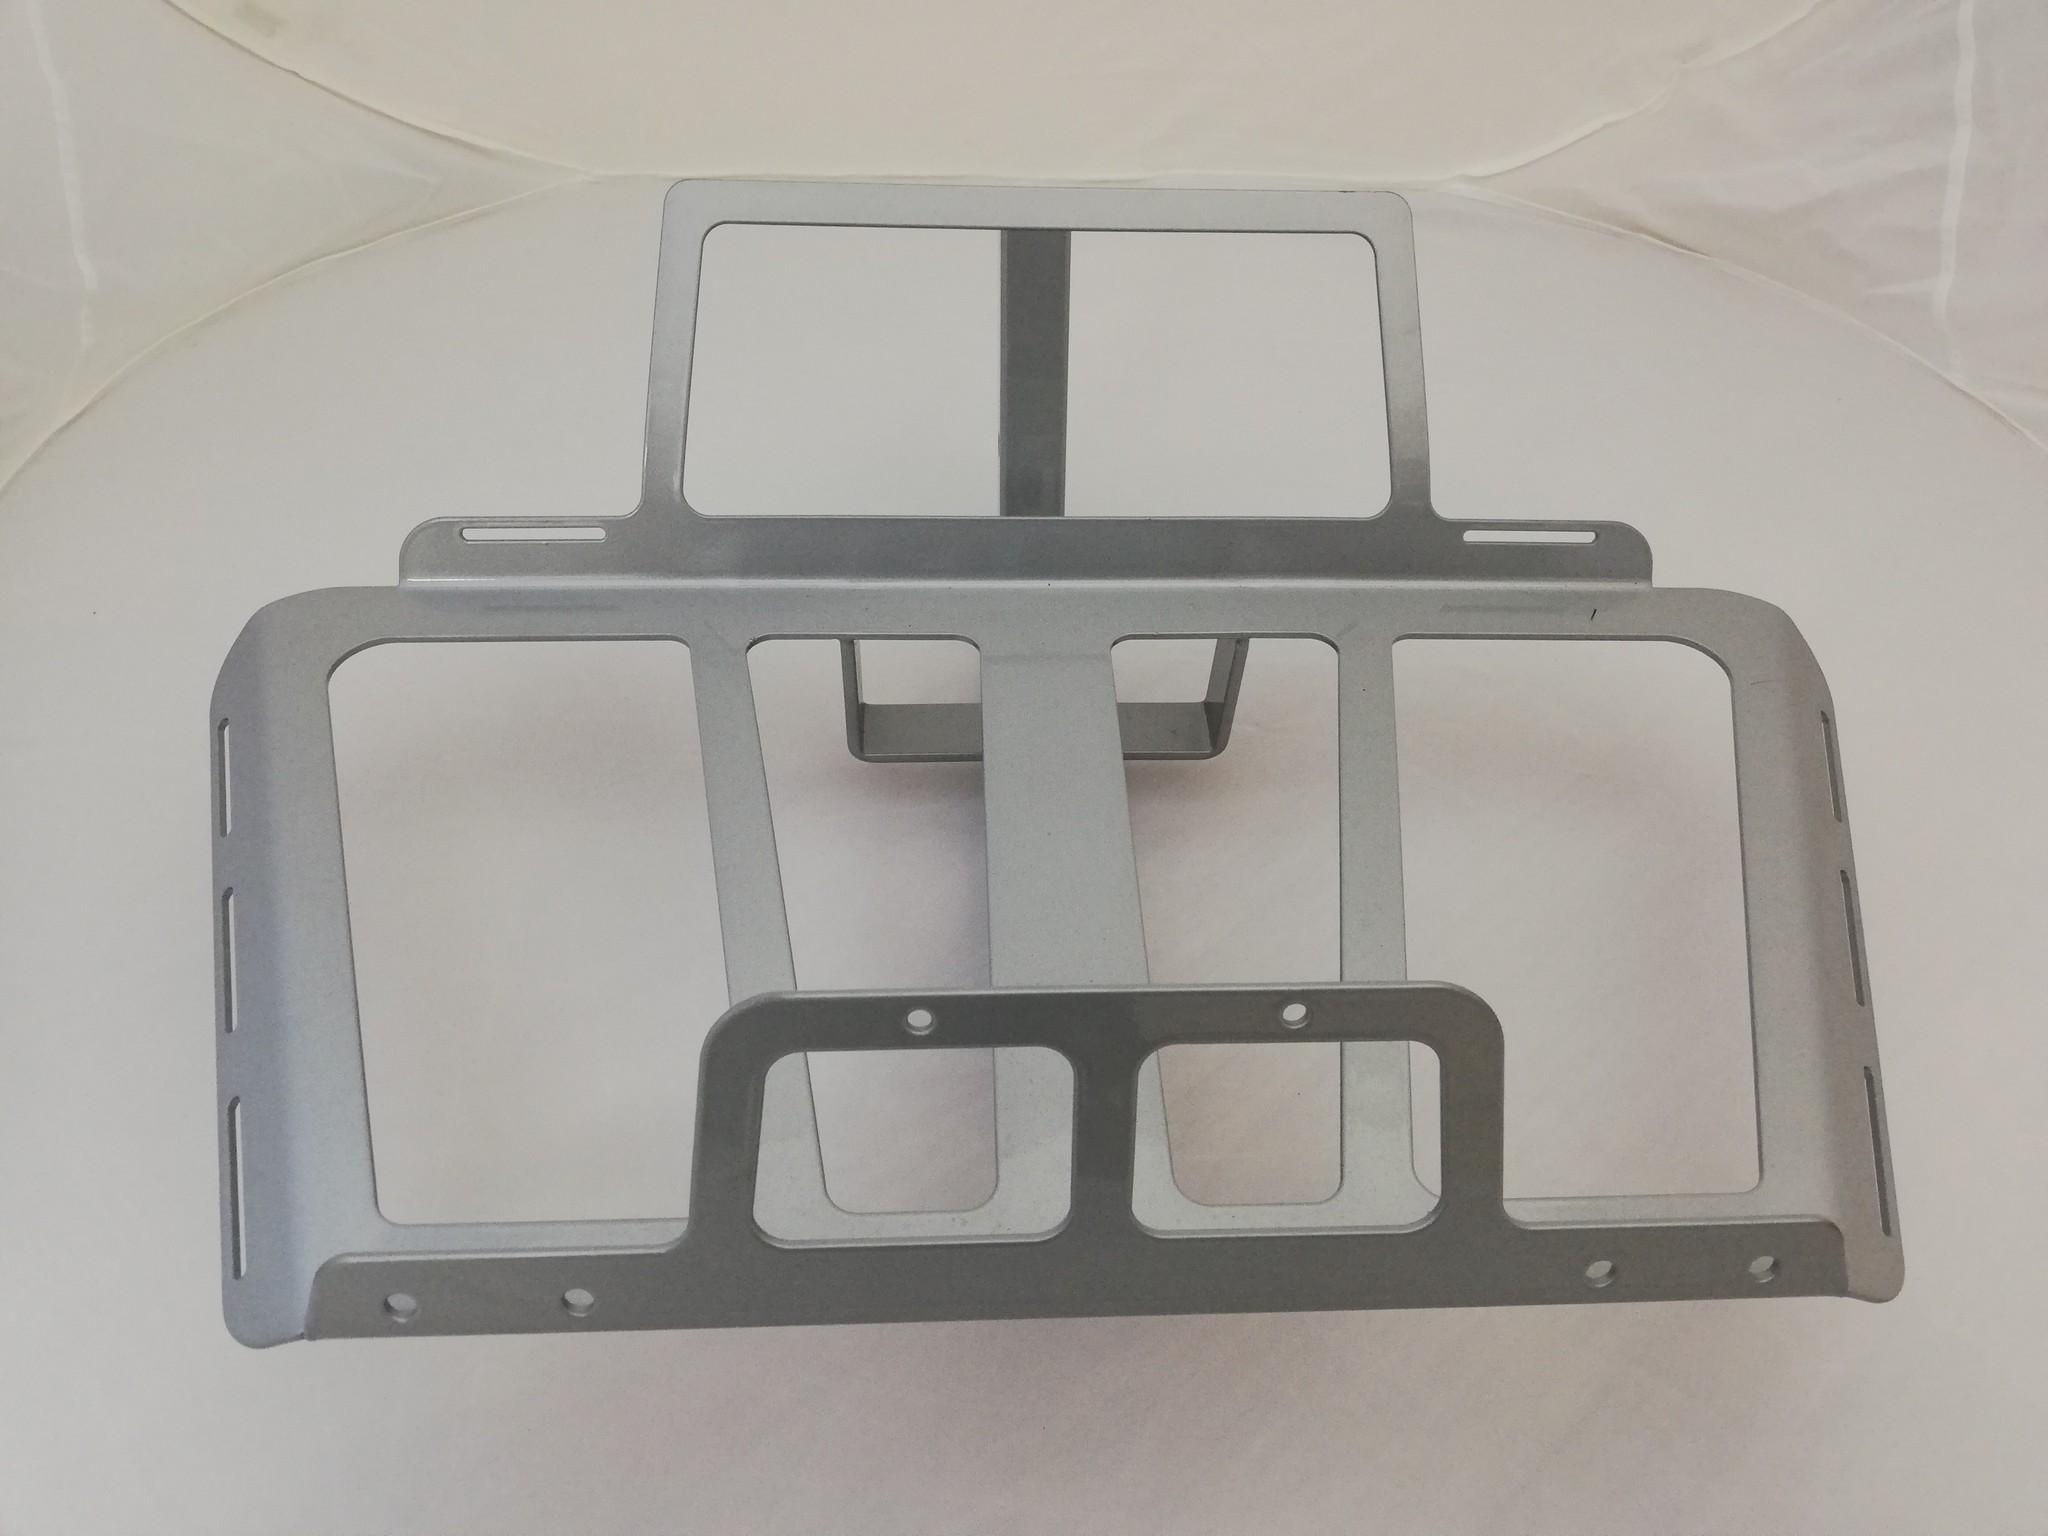 JVR Products Porte-bagages à fixation sans attelage GL1800 model 2018 gris argenté